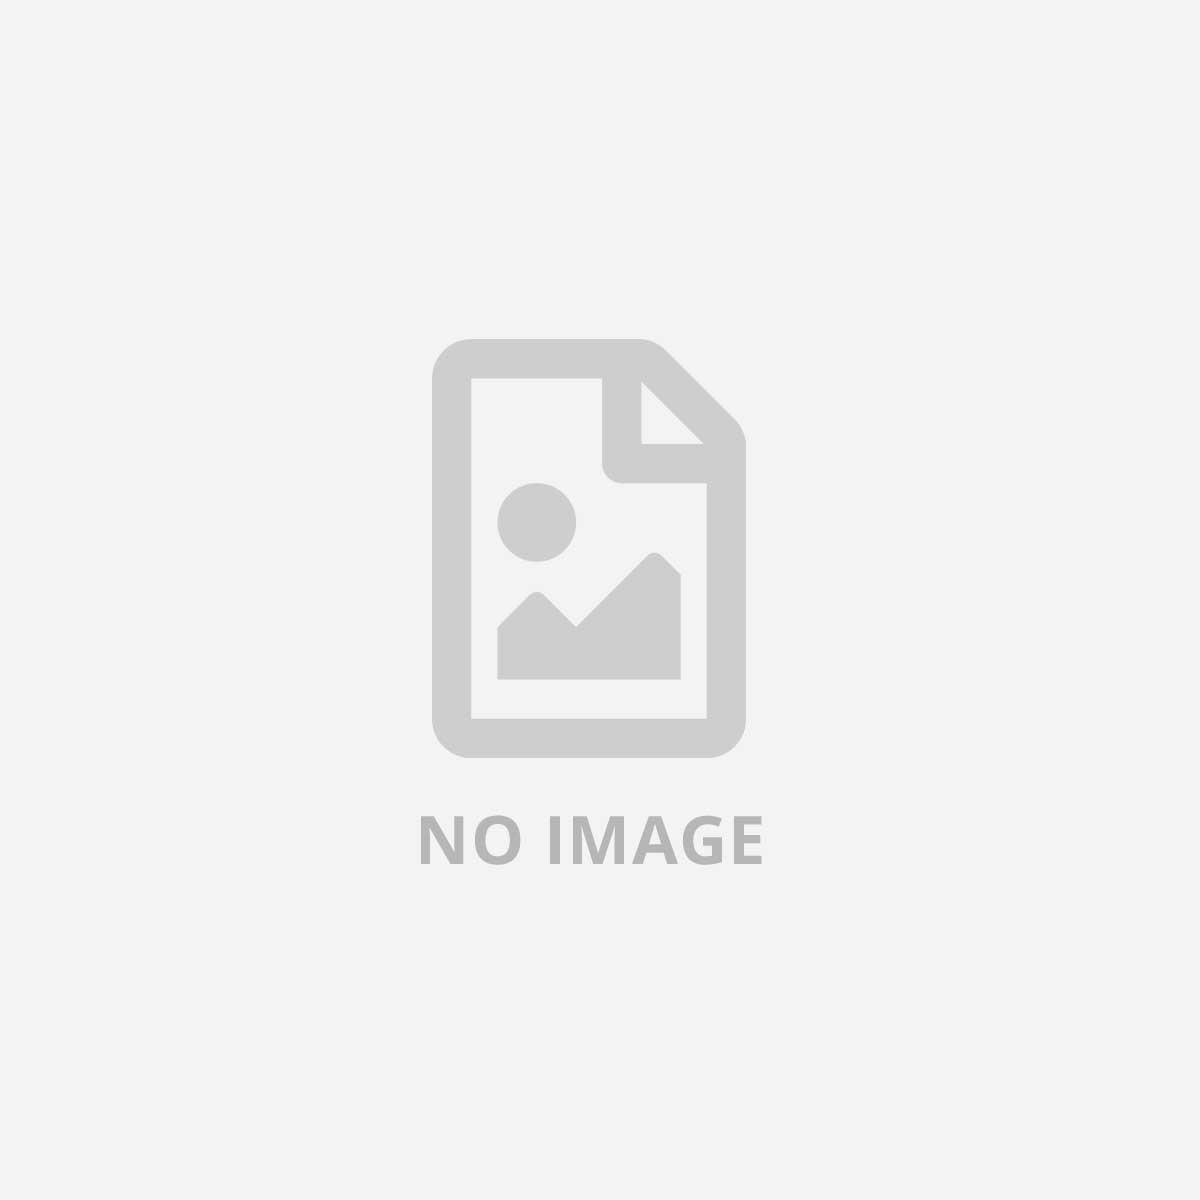 ATEN CONVERTER  HDMI TO VGA